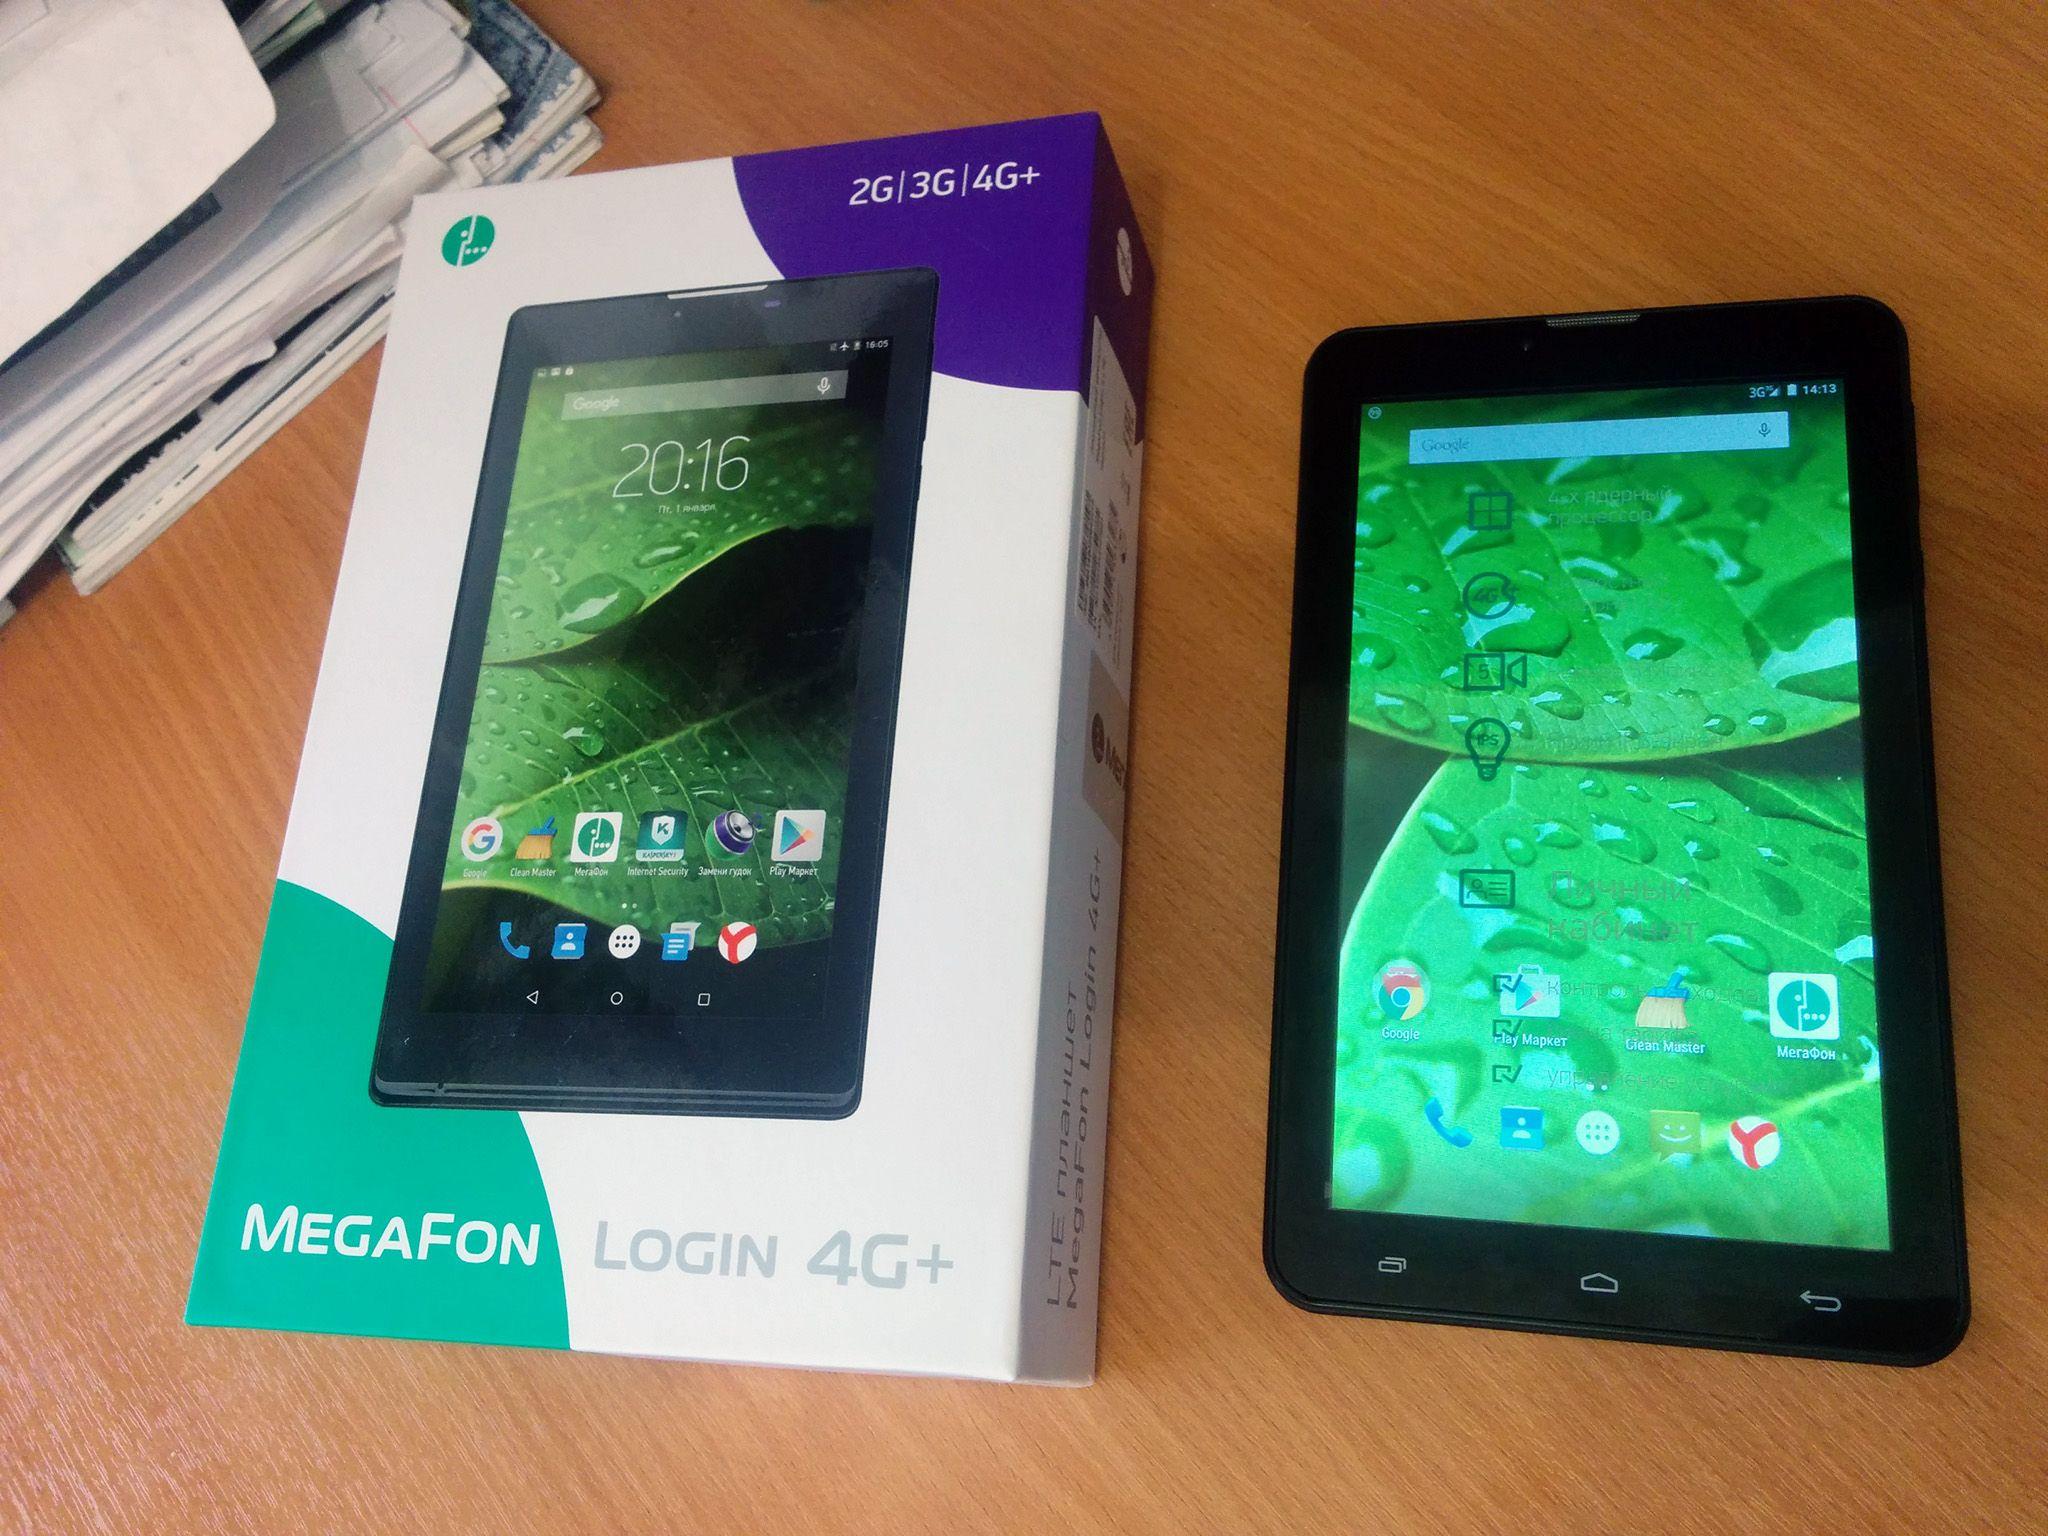 Скачать прошивку мегафон логин 1 Tablet, Electronic